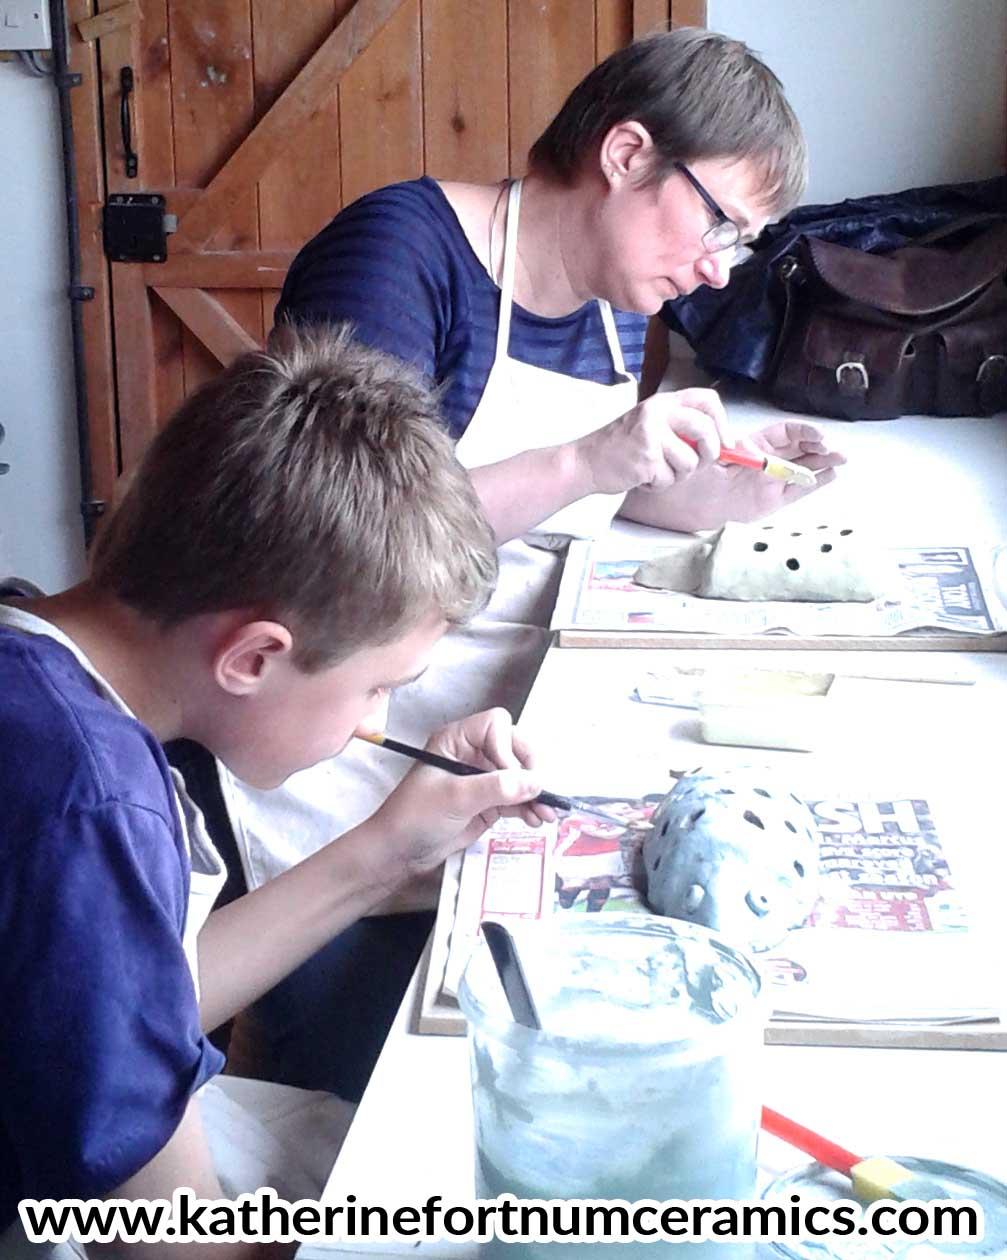 Mum and son workshop, at Katherine Fortnum Ceramius